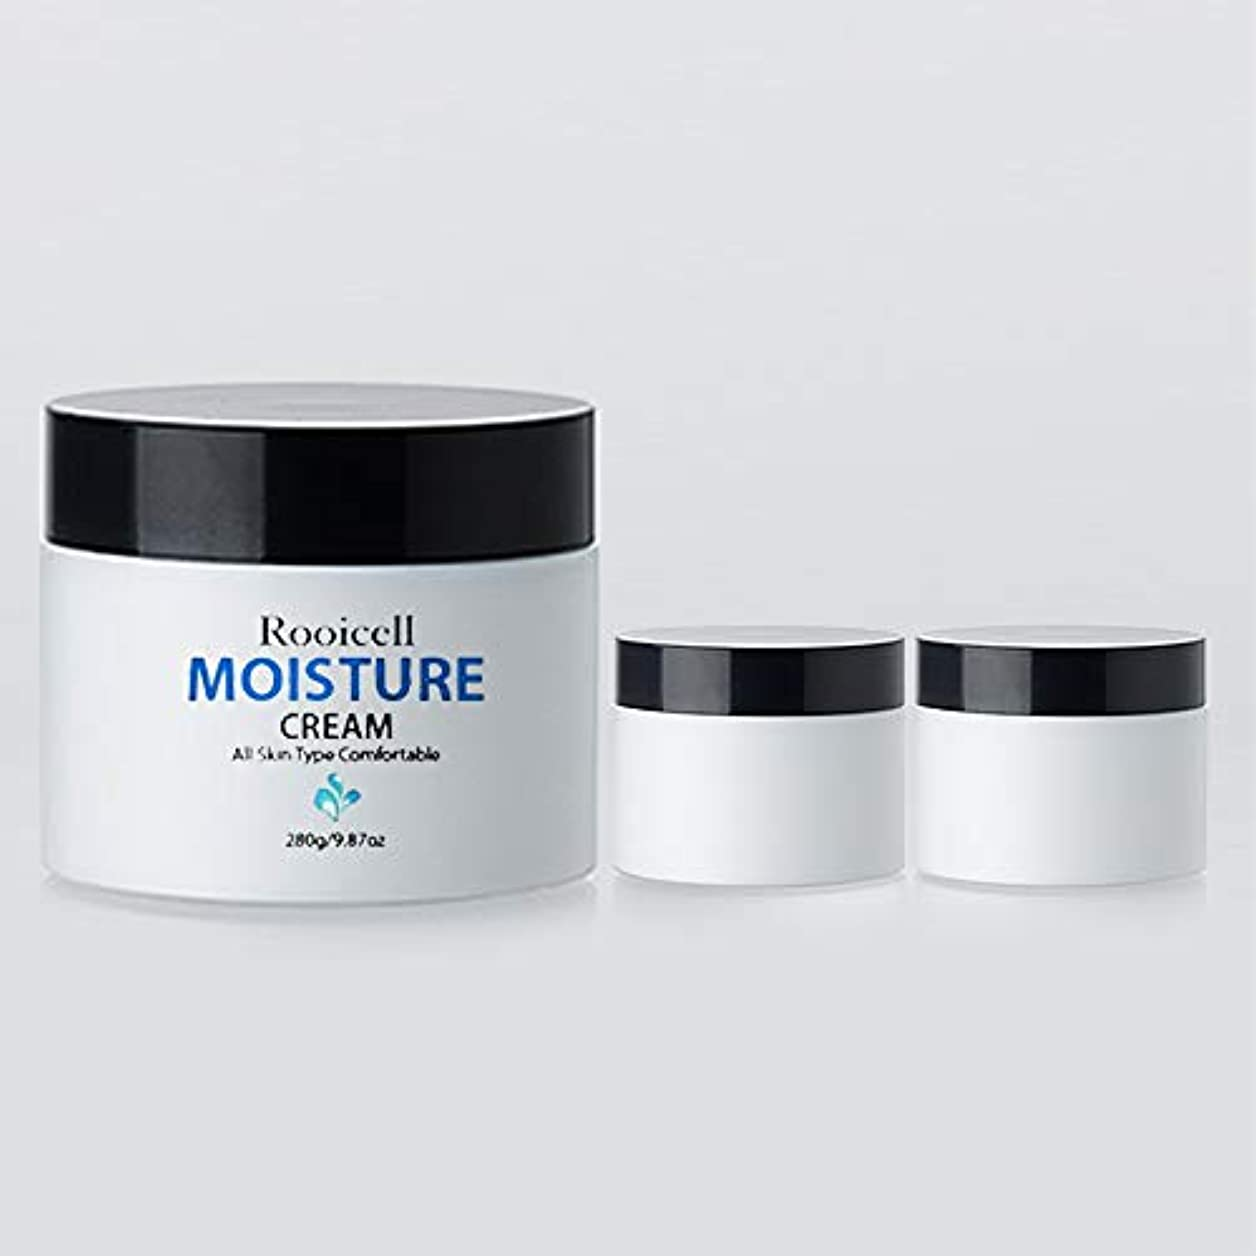 雪だるまを作る偉業ソース[ Rooicell ] ルイセル モイスチャークリーム 280g Korea cosmetic (moisture cream 280g)